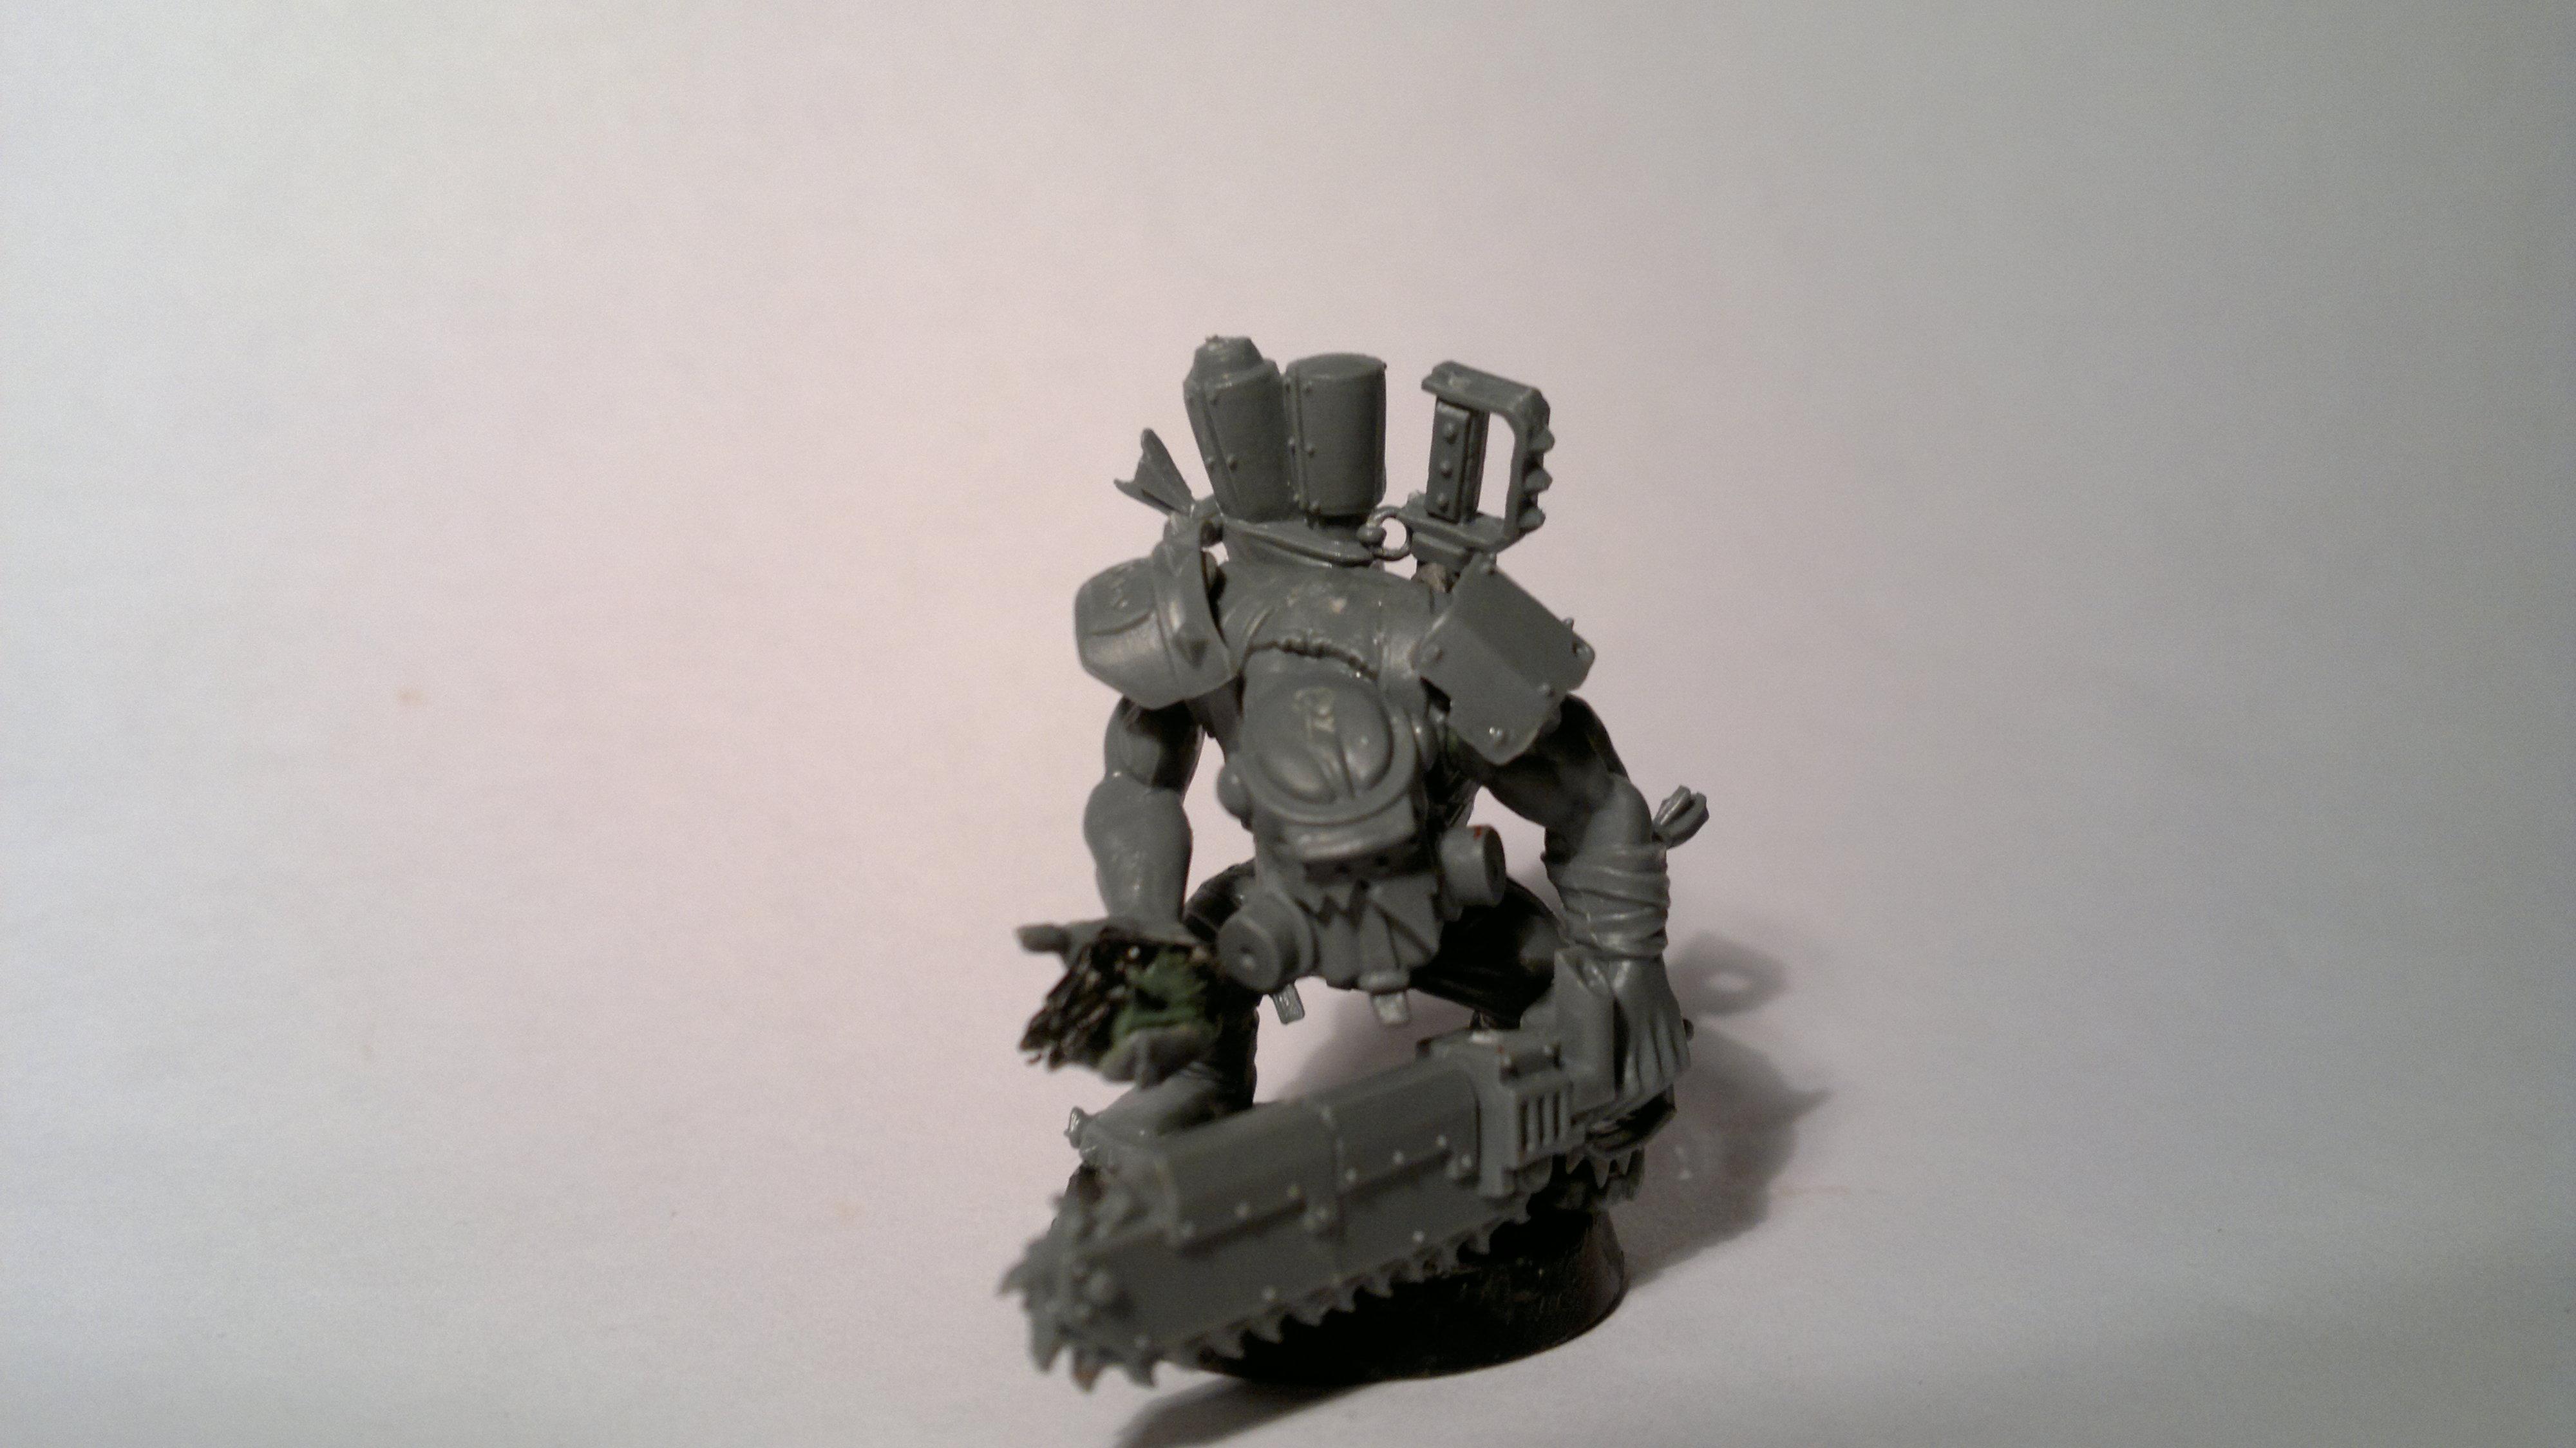 Kommando, Orks, Warhammer 40,000, Work In Progress